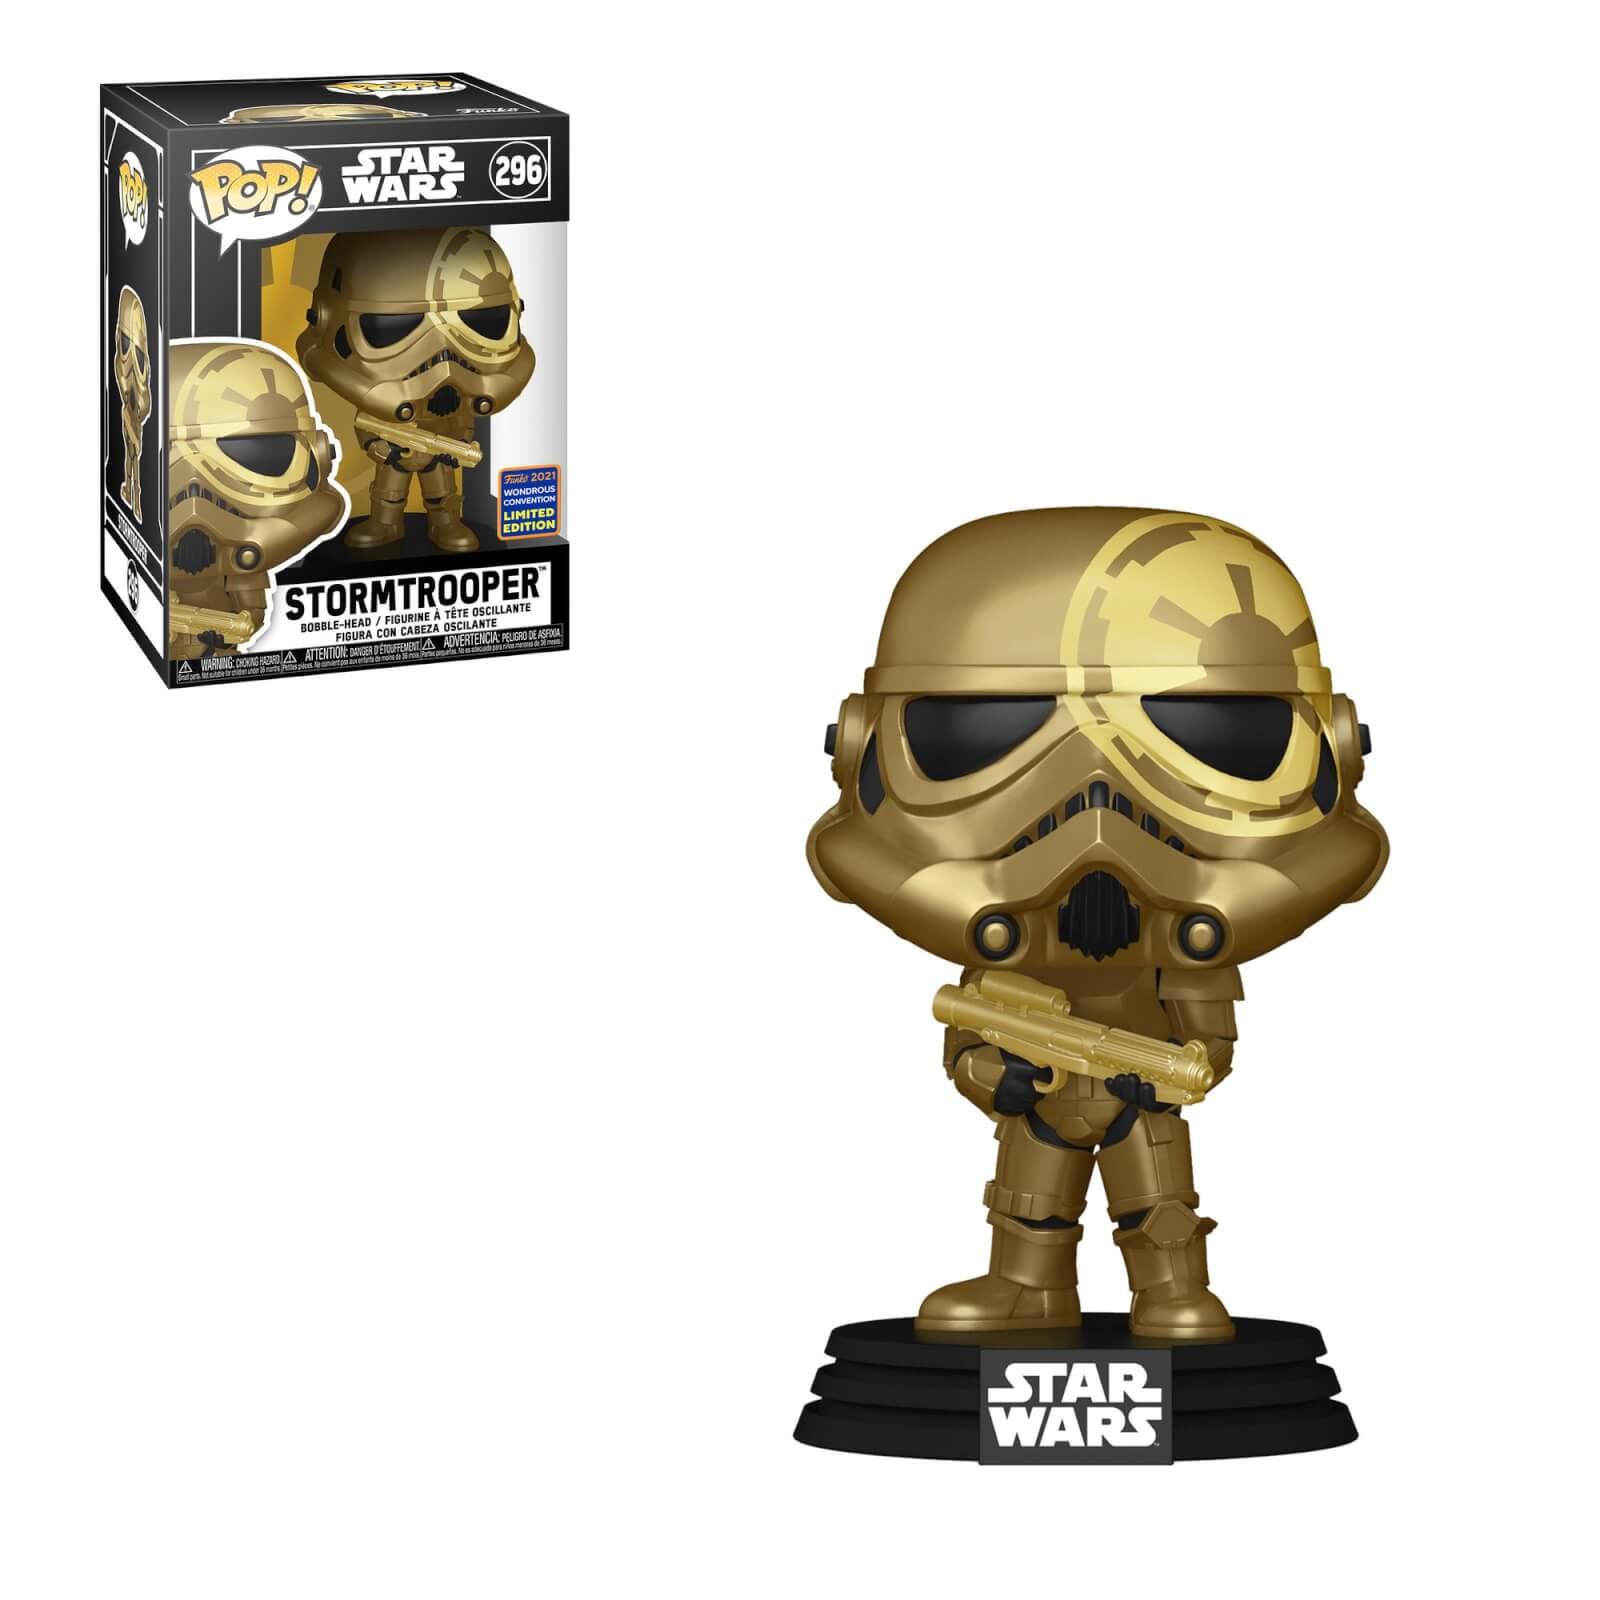 Pop! Vinyl Figurine Pop! Stormtrooper Artist Series EXC Wondrous Con - Star Wars